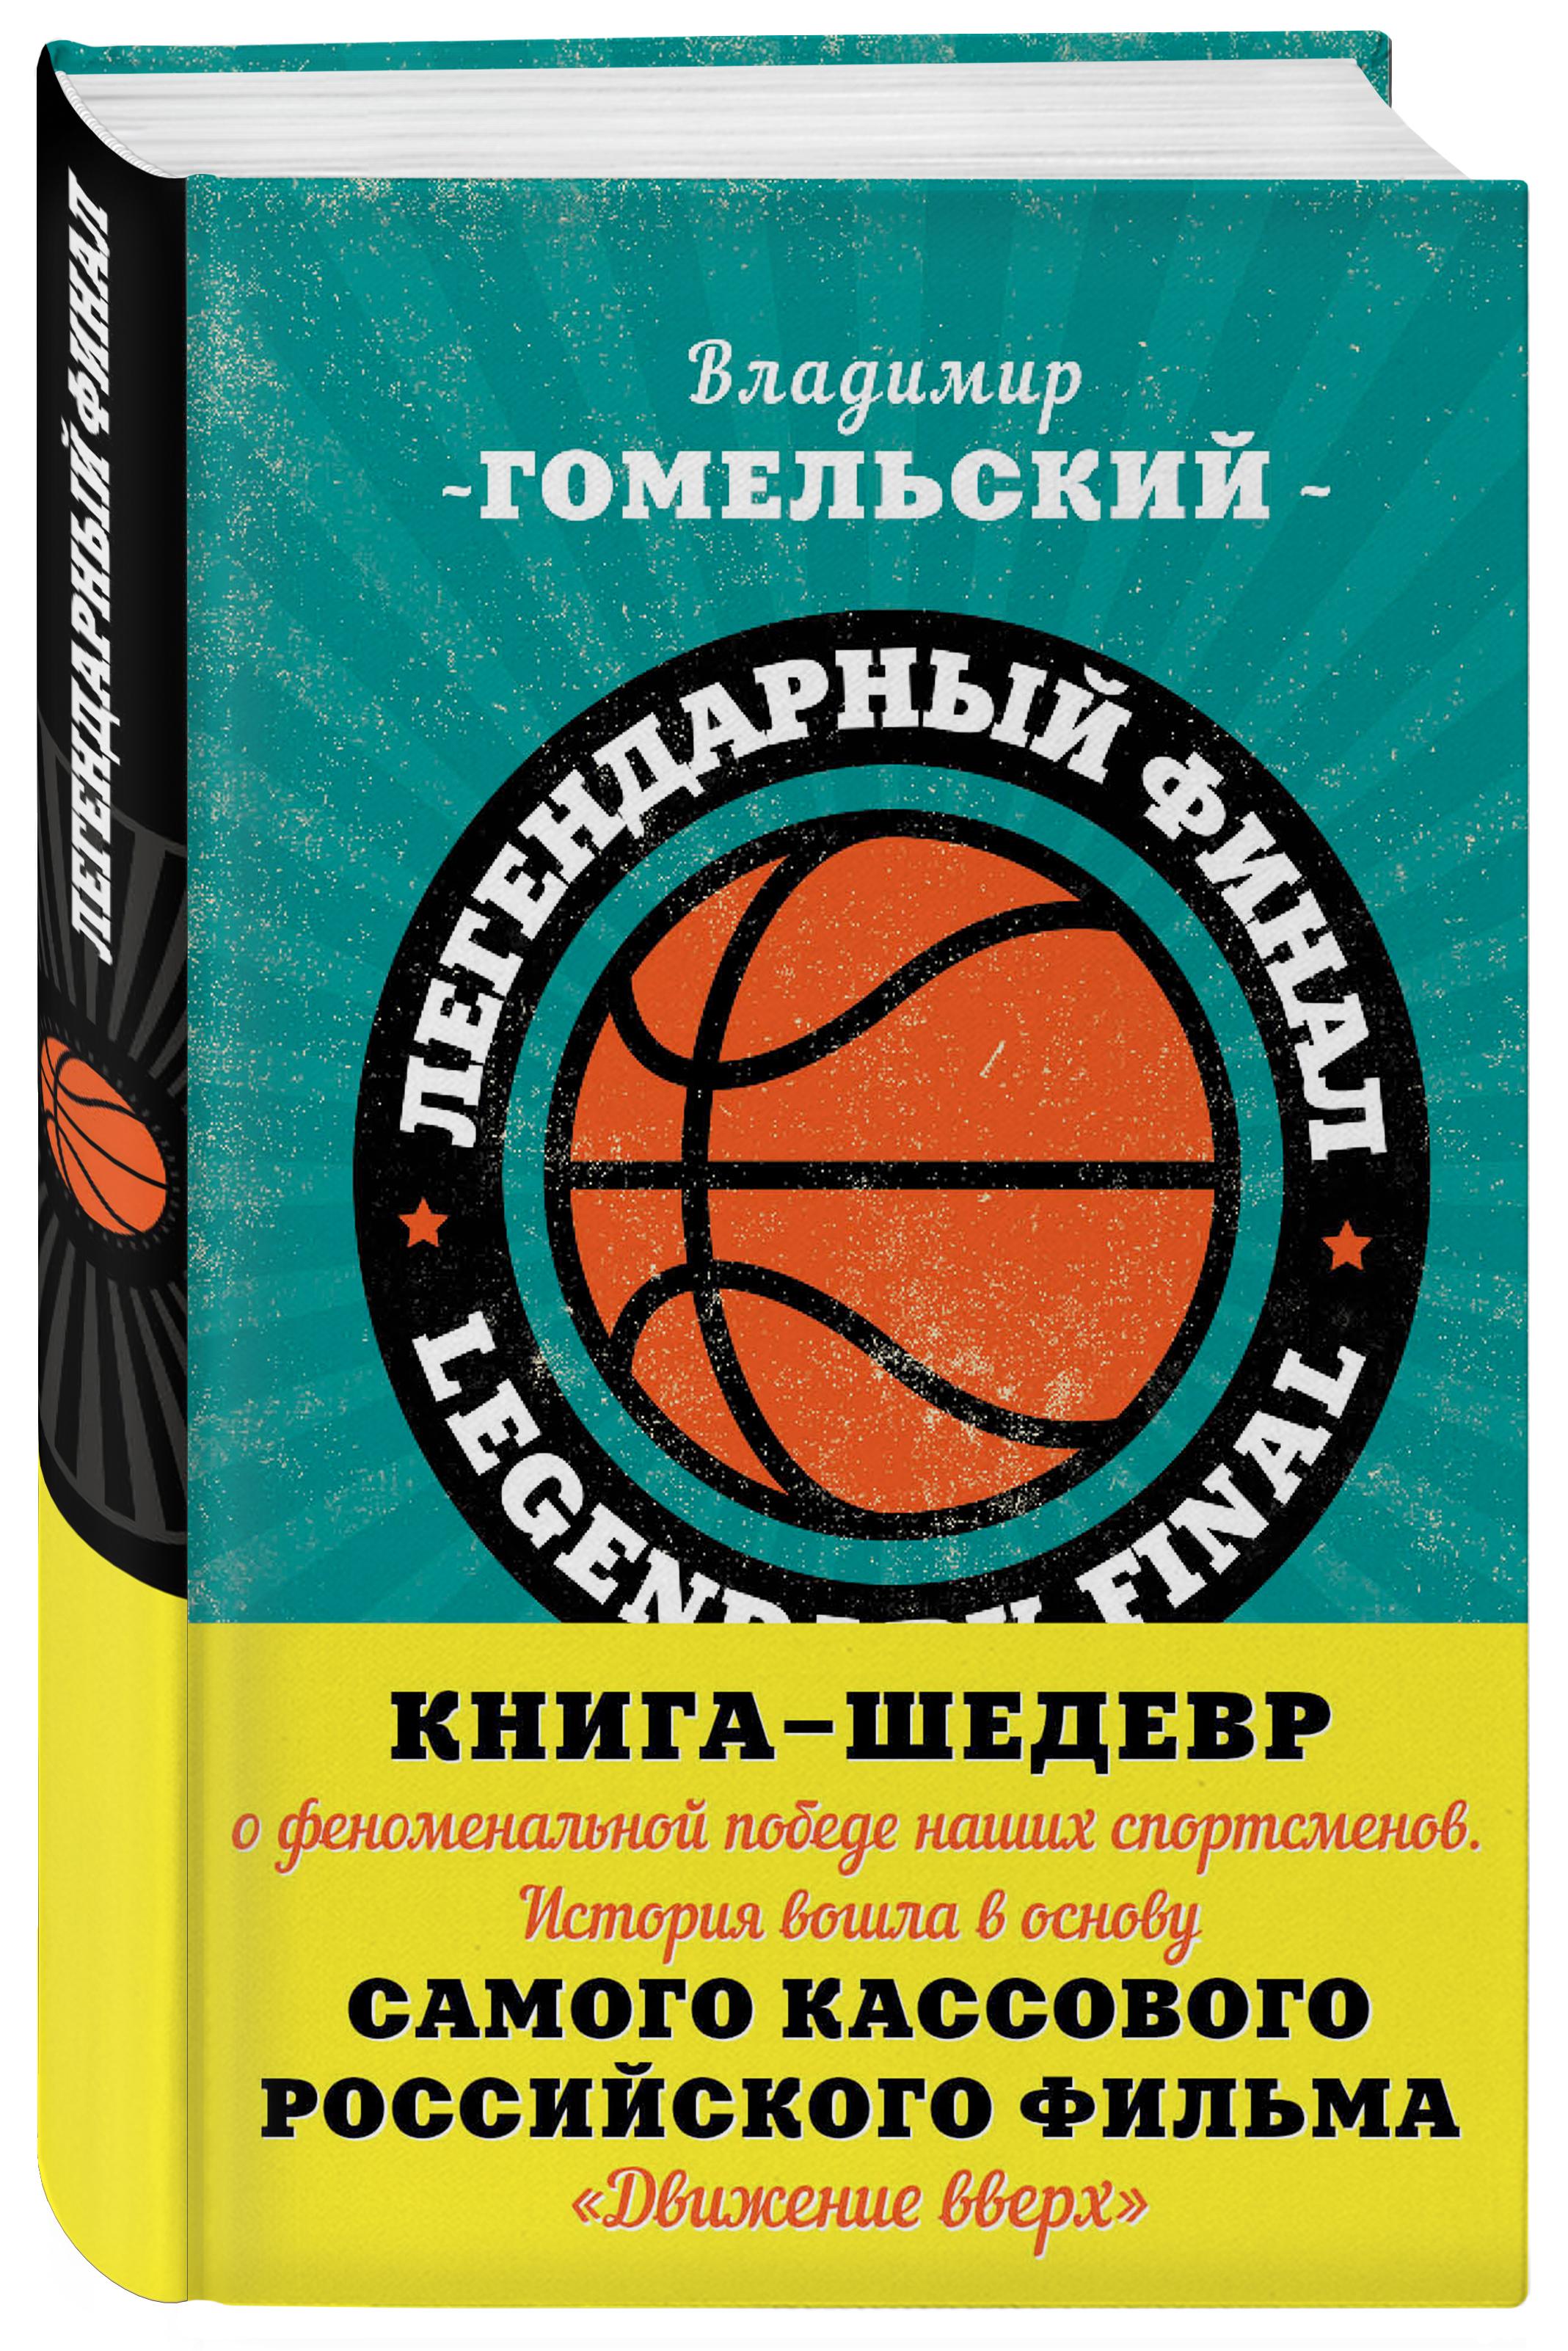 Легендарный финал 1972 года. СССР и США от book24.ru